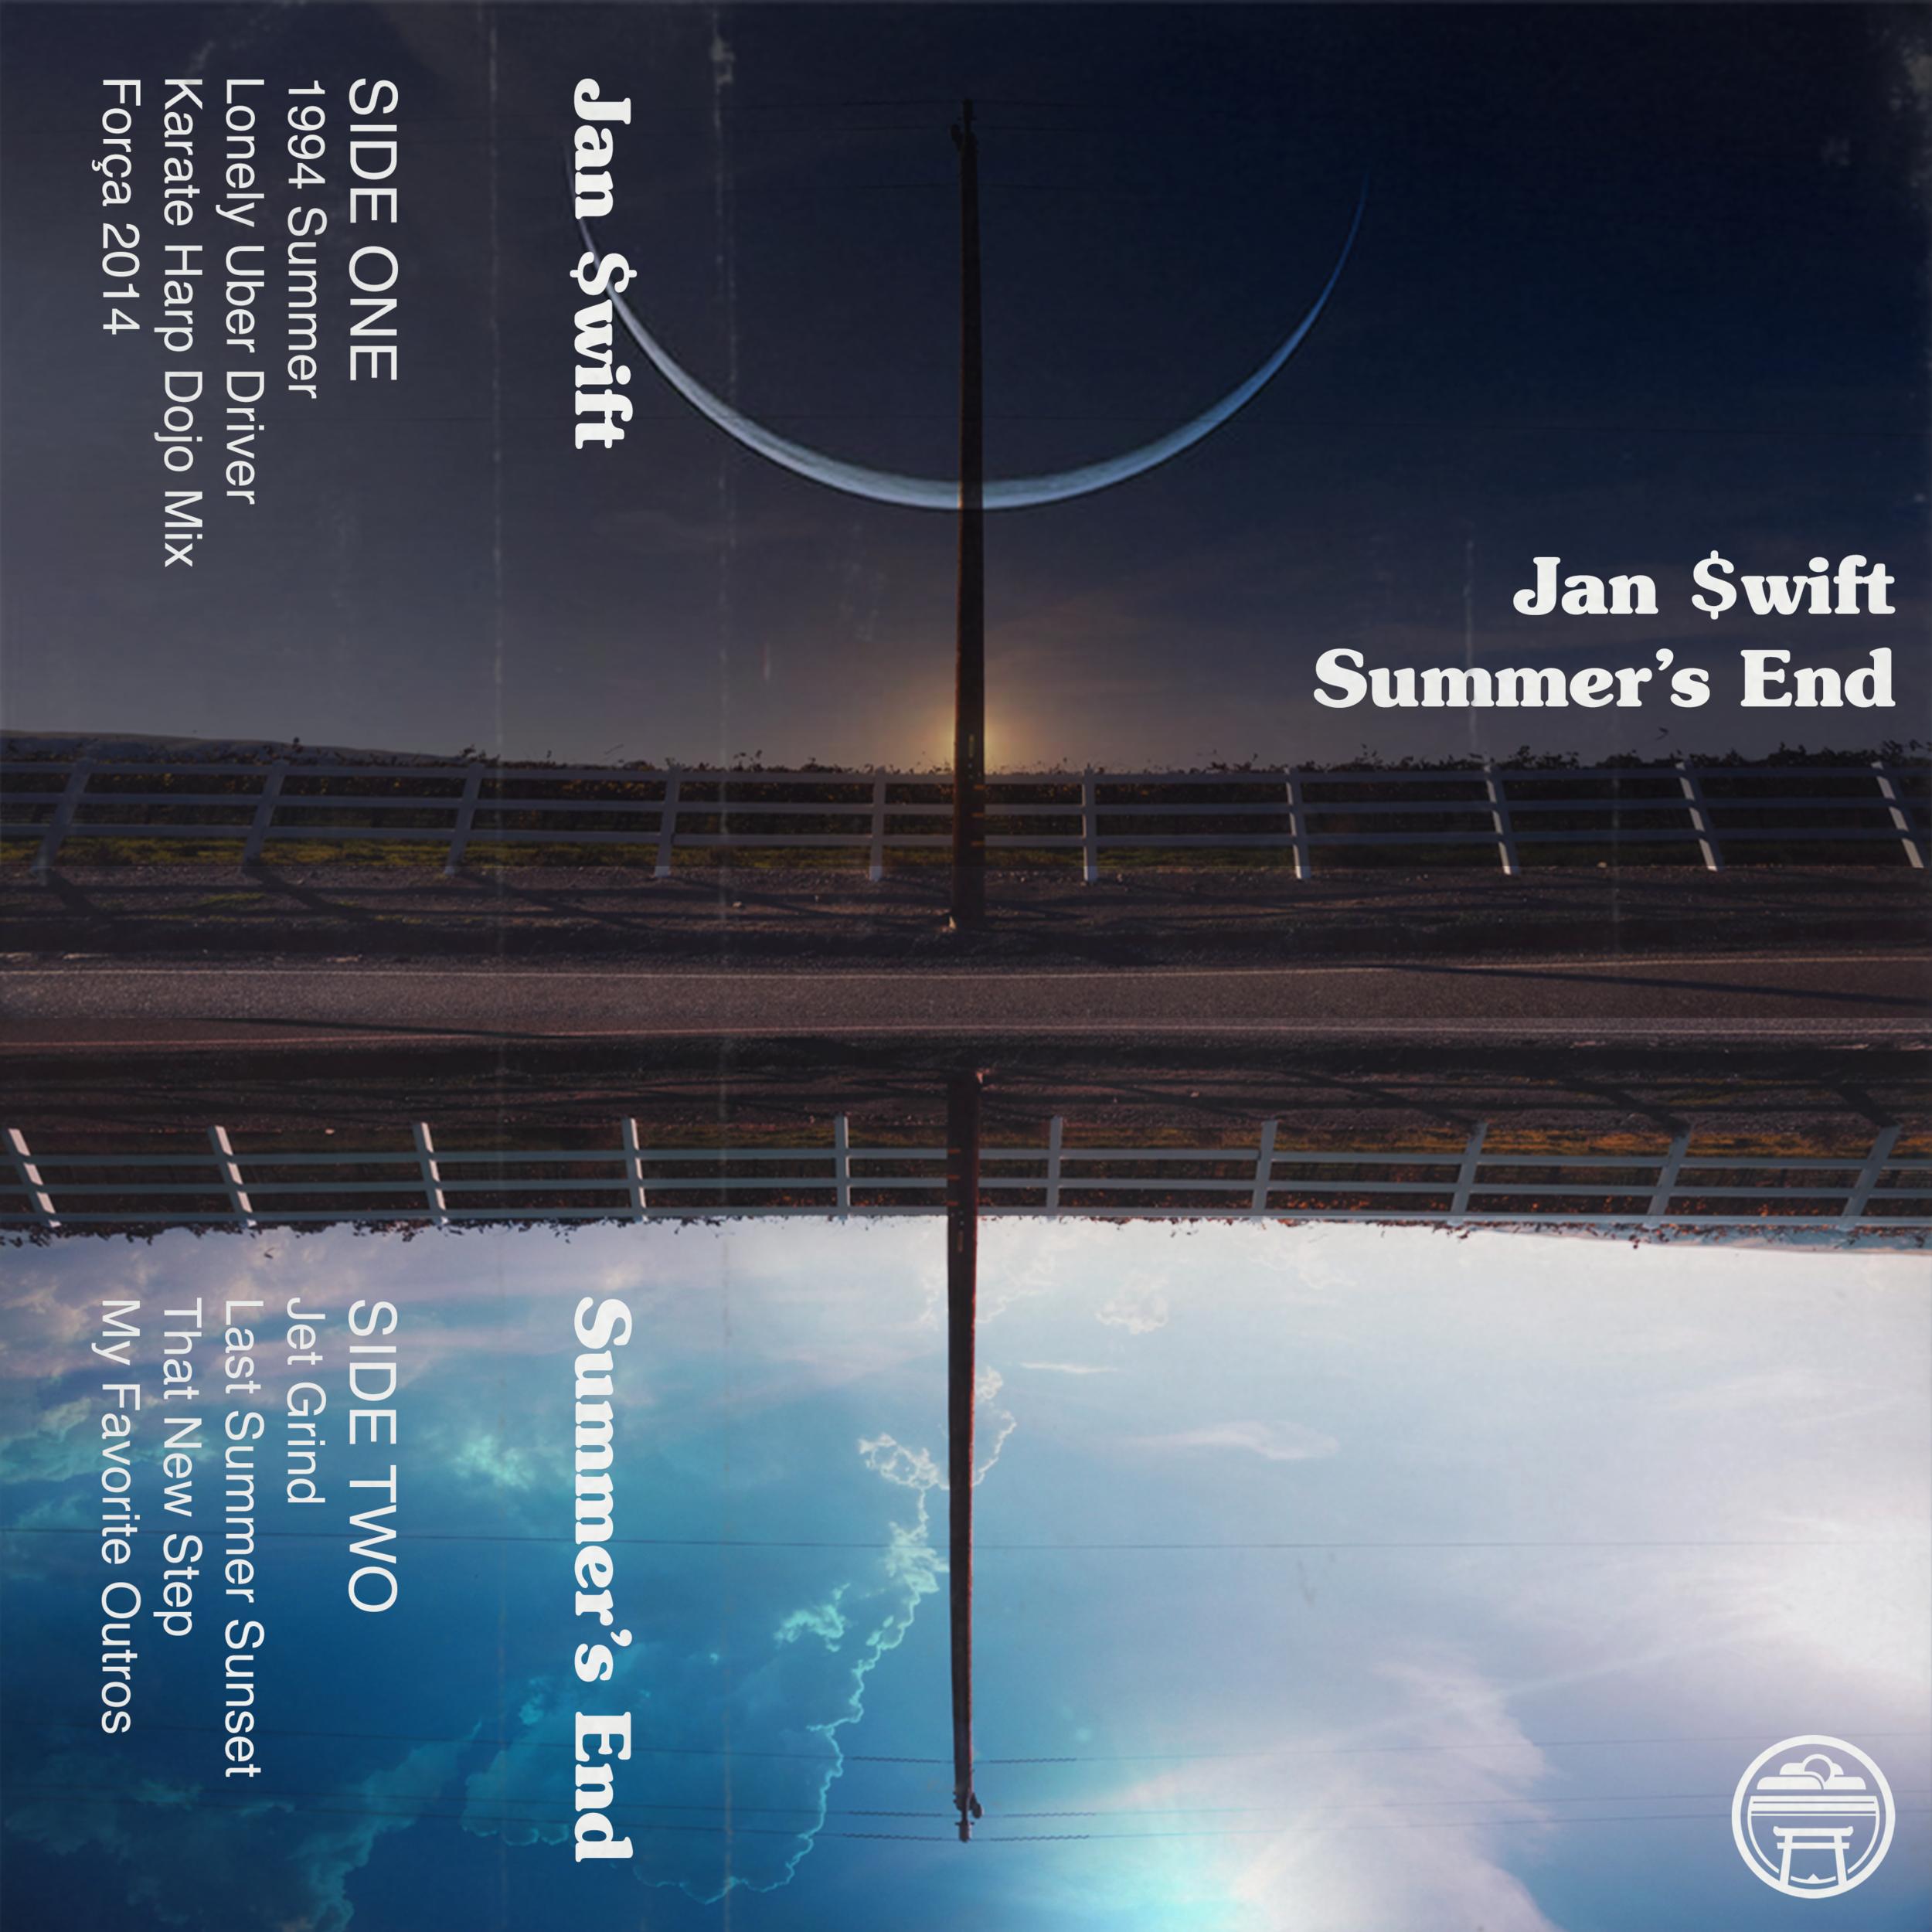 summersend final.png